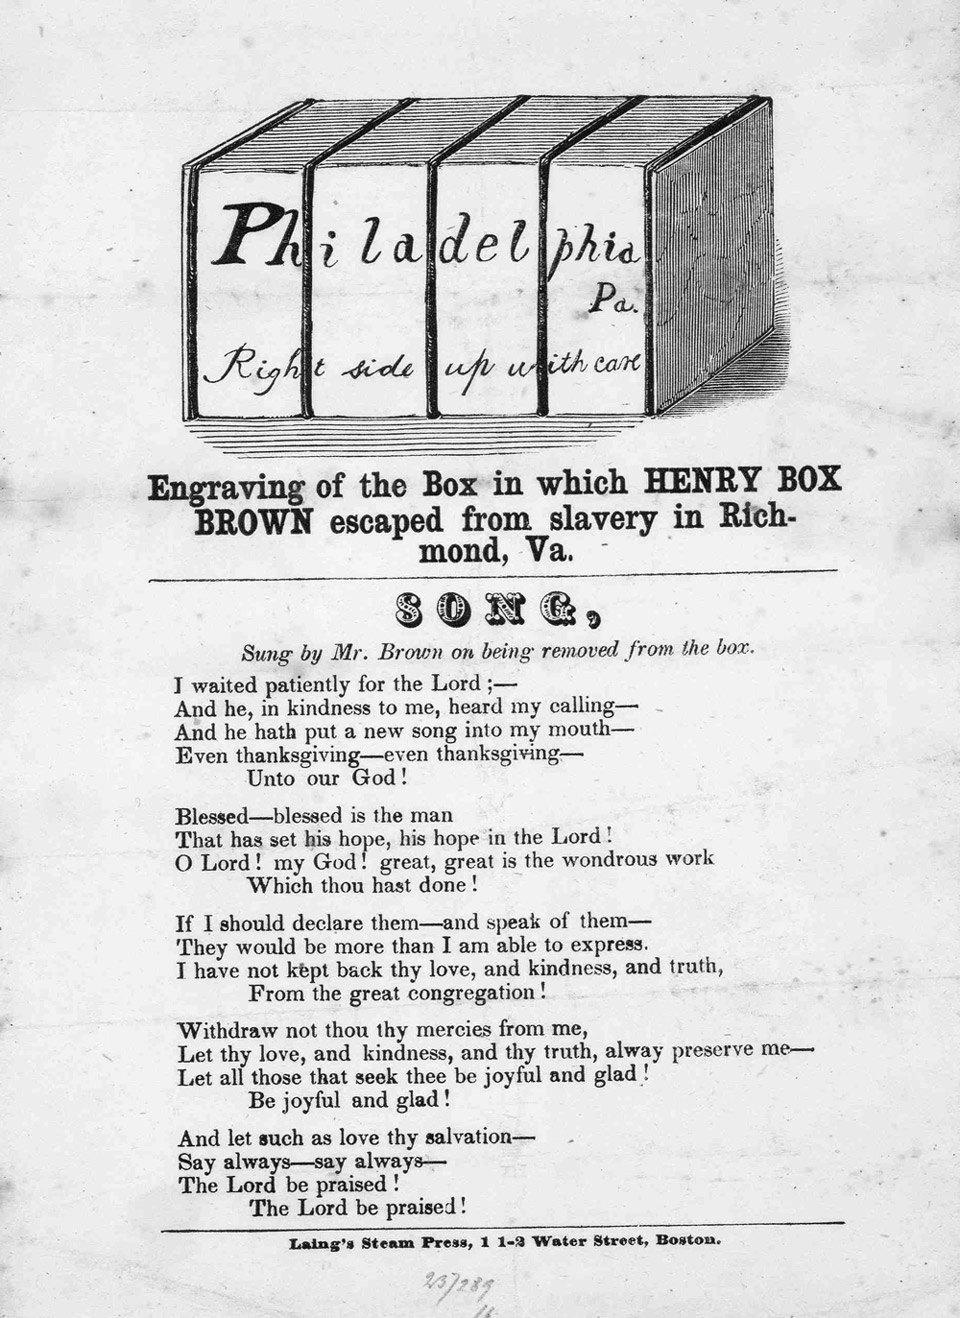 طبعت كلمات أغنية (براون) التي قام بأدائها بعد خروجه من الصندوق في (فيلادلفيا) في مارس 1849 في هذه المطبوعة.